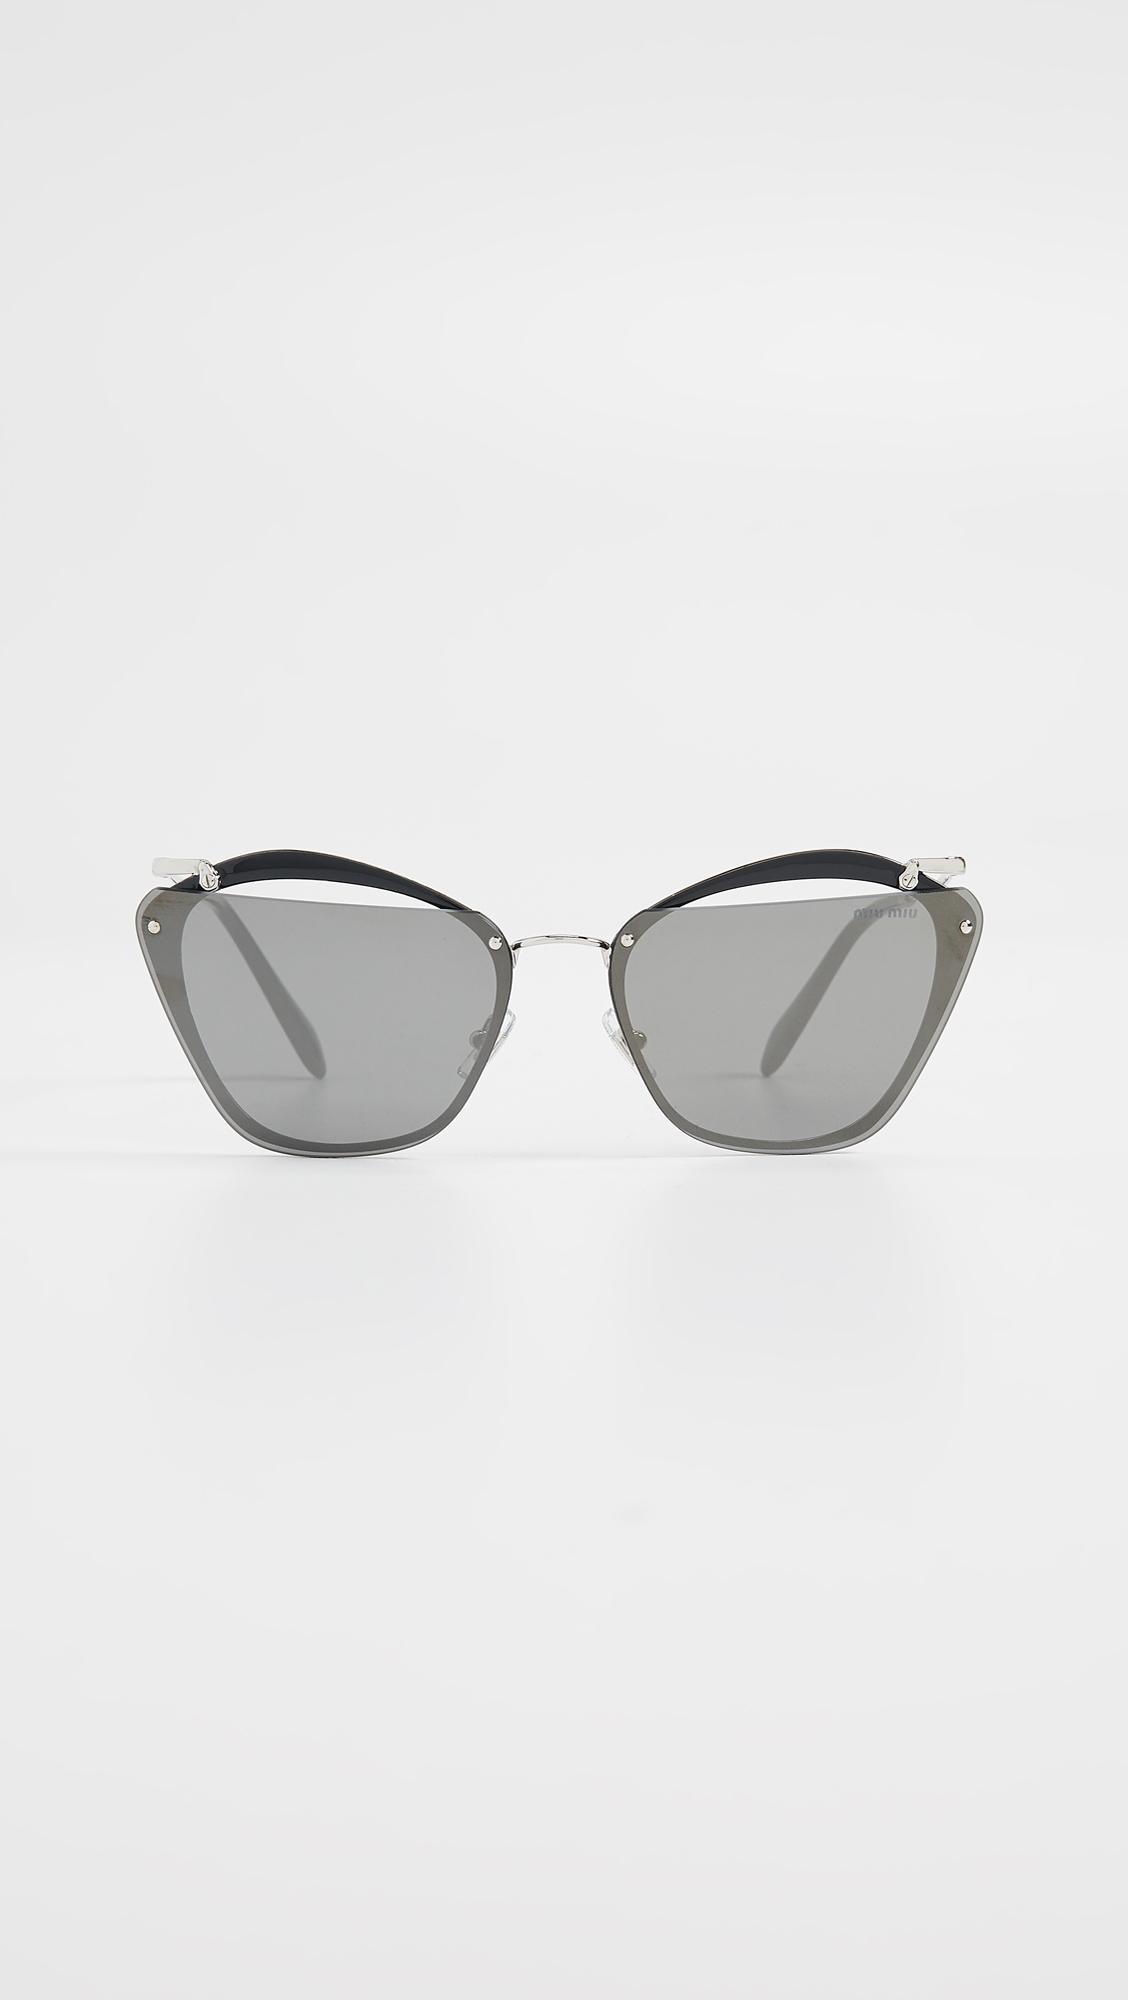 7ebf989e0dc Lyst - Miu Miu Cut Frame Mirrored Sunglasses in Gray